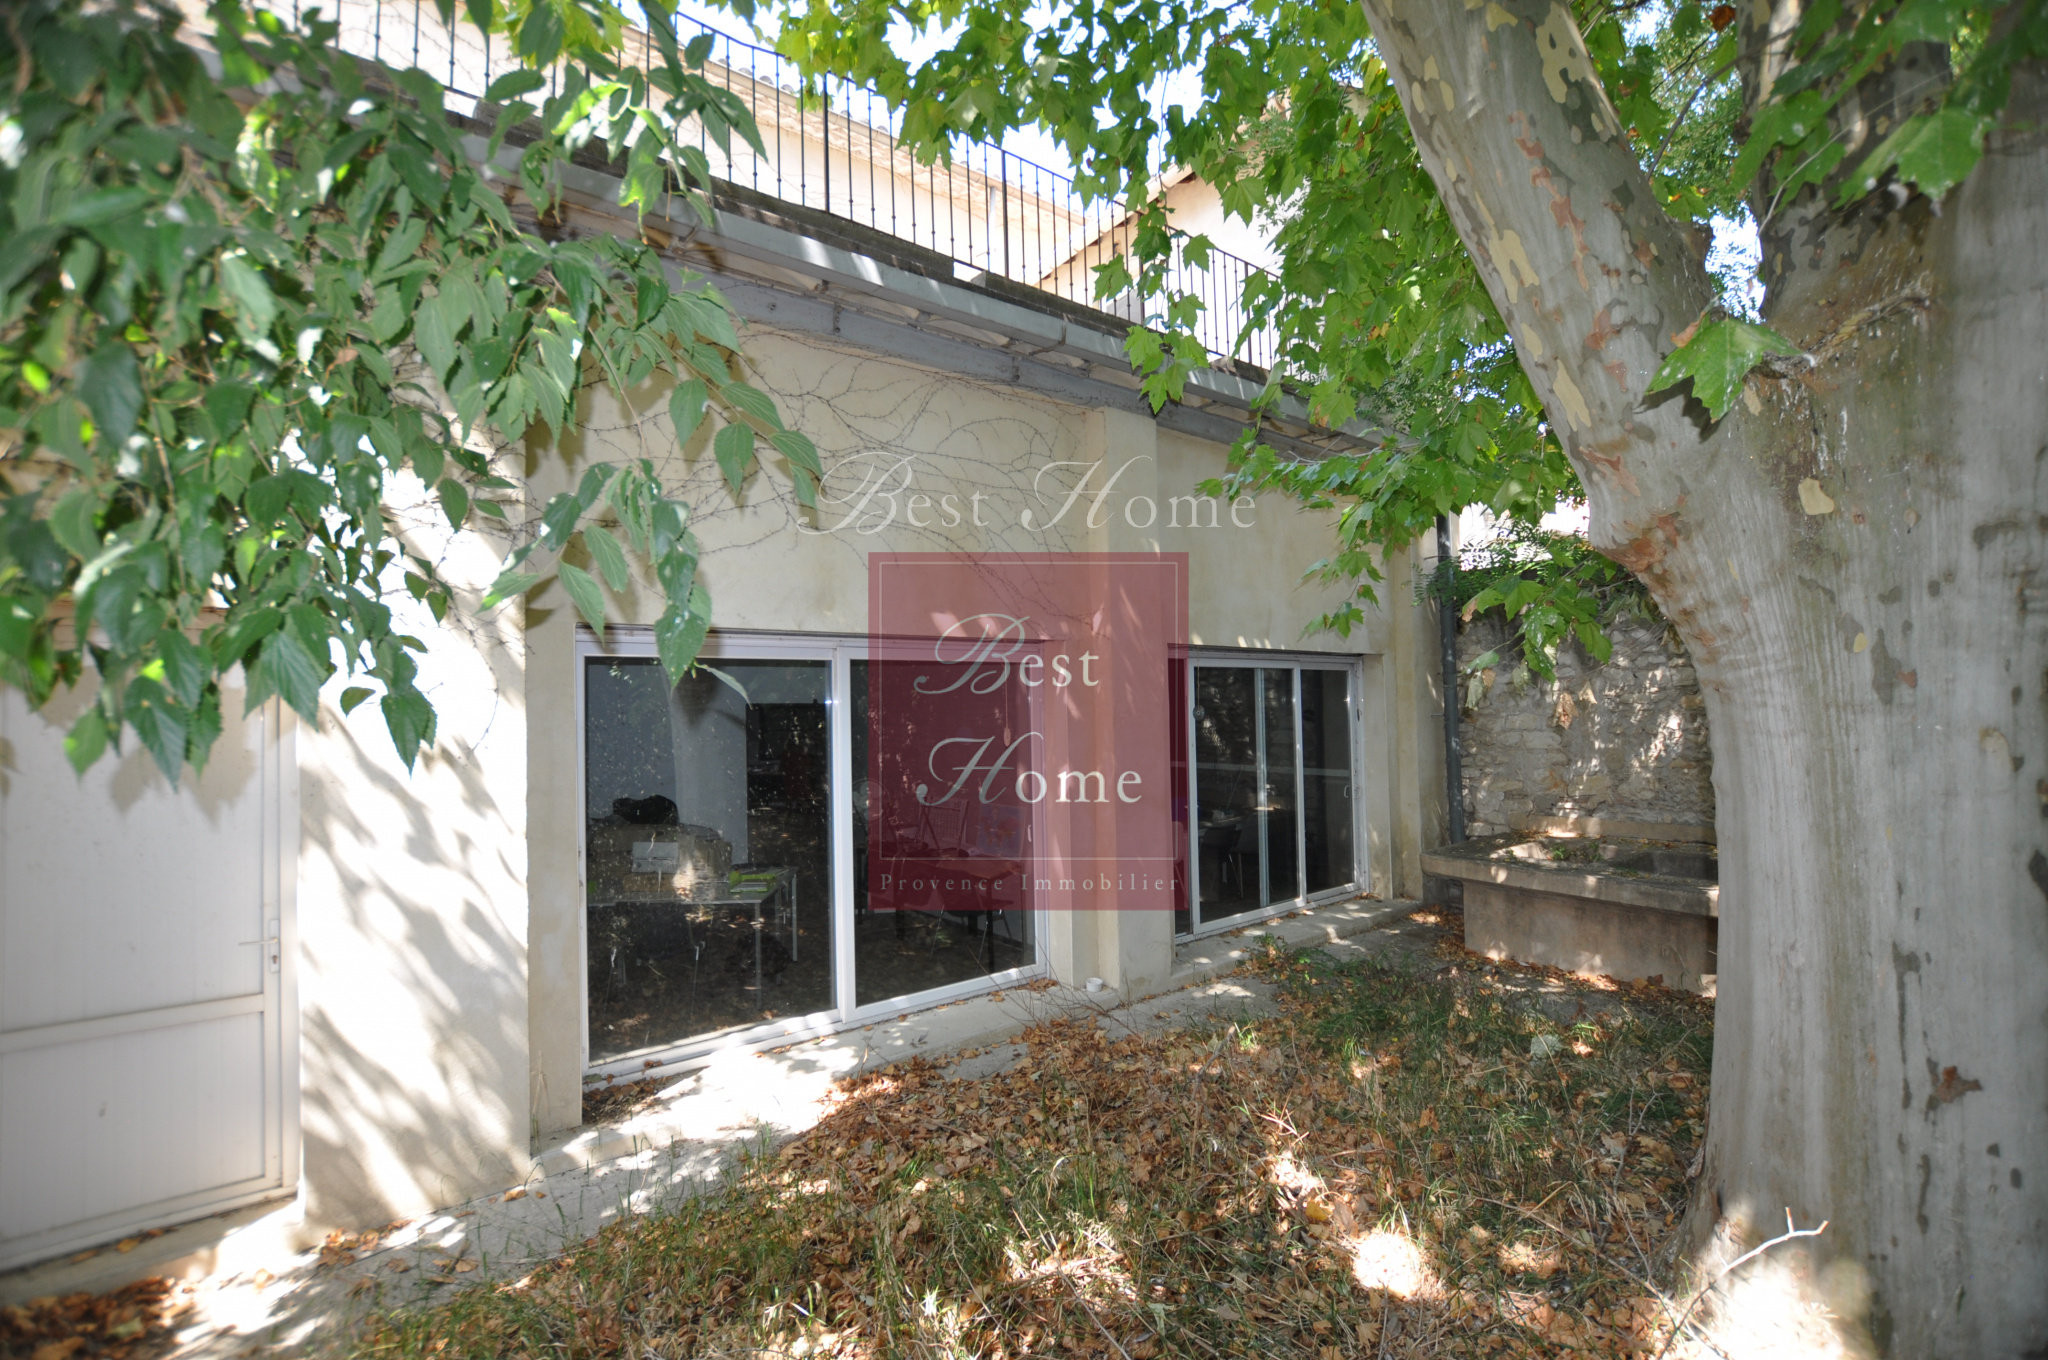 A Vendre Quartier Feucheres Maison De Ville Immeuble En R 1 Avec Jardin Et Terrasse Type 5 6